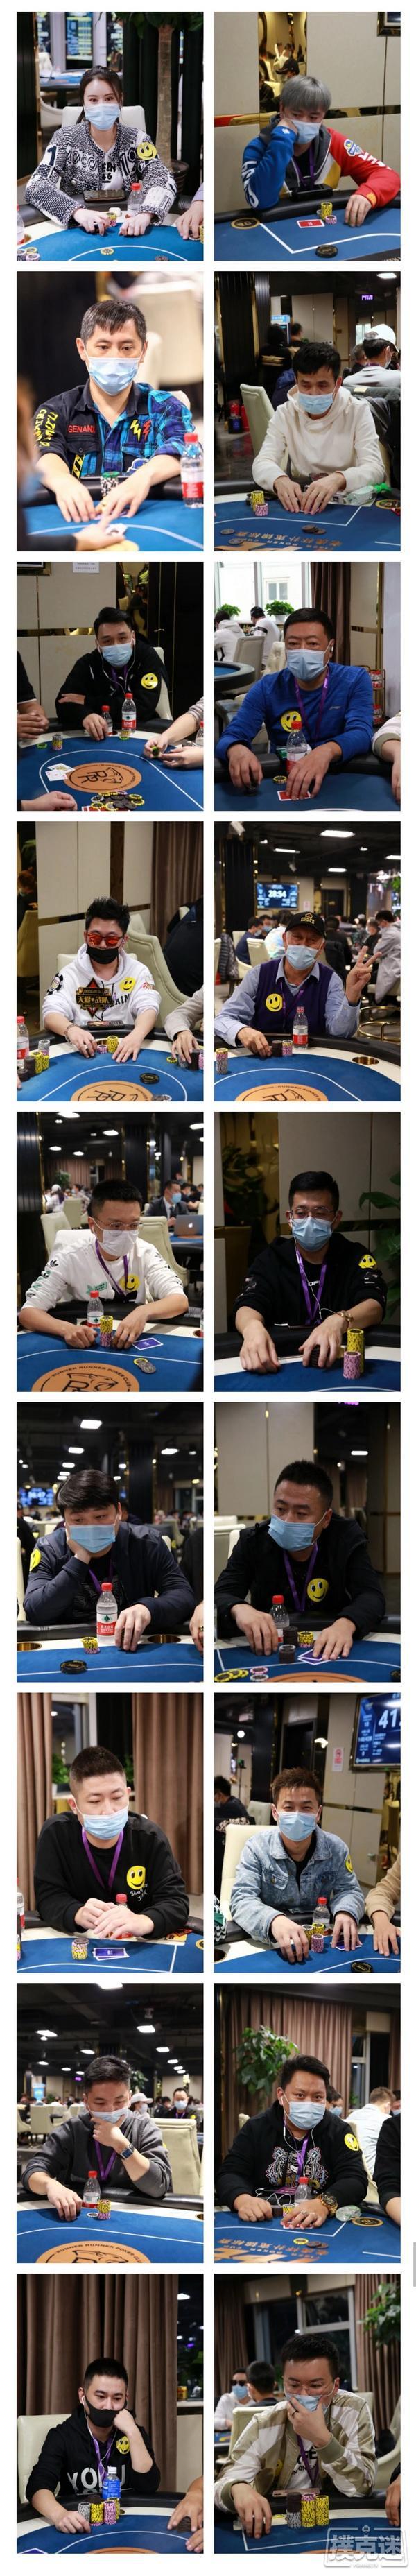 天龙扑克马小妹儿赛事游之2020TPC老虎杯年终总决赛!